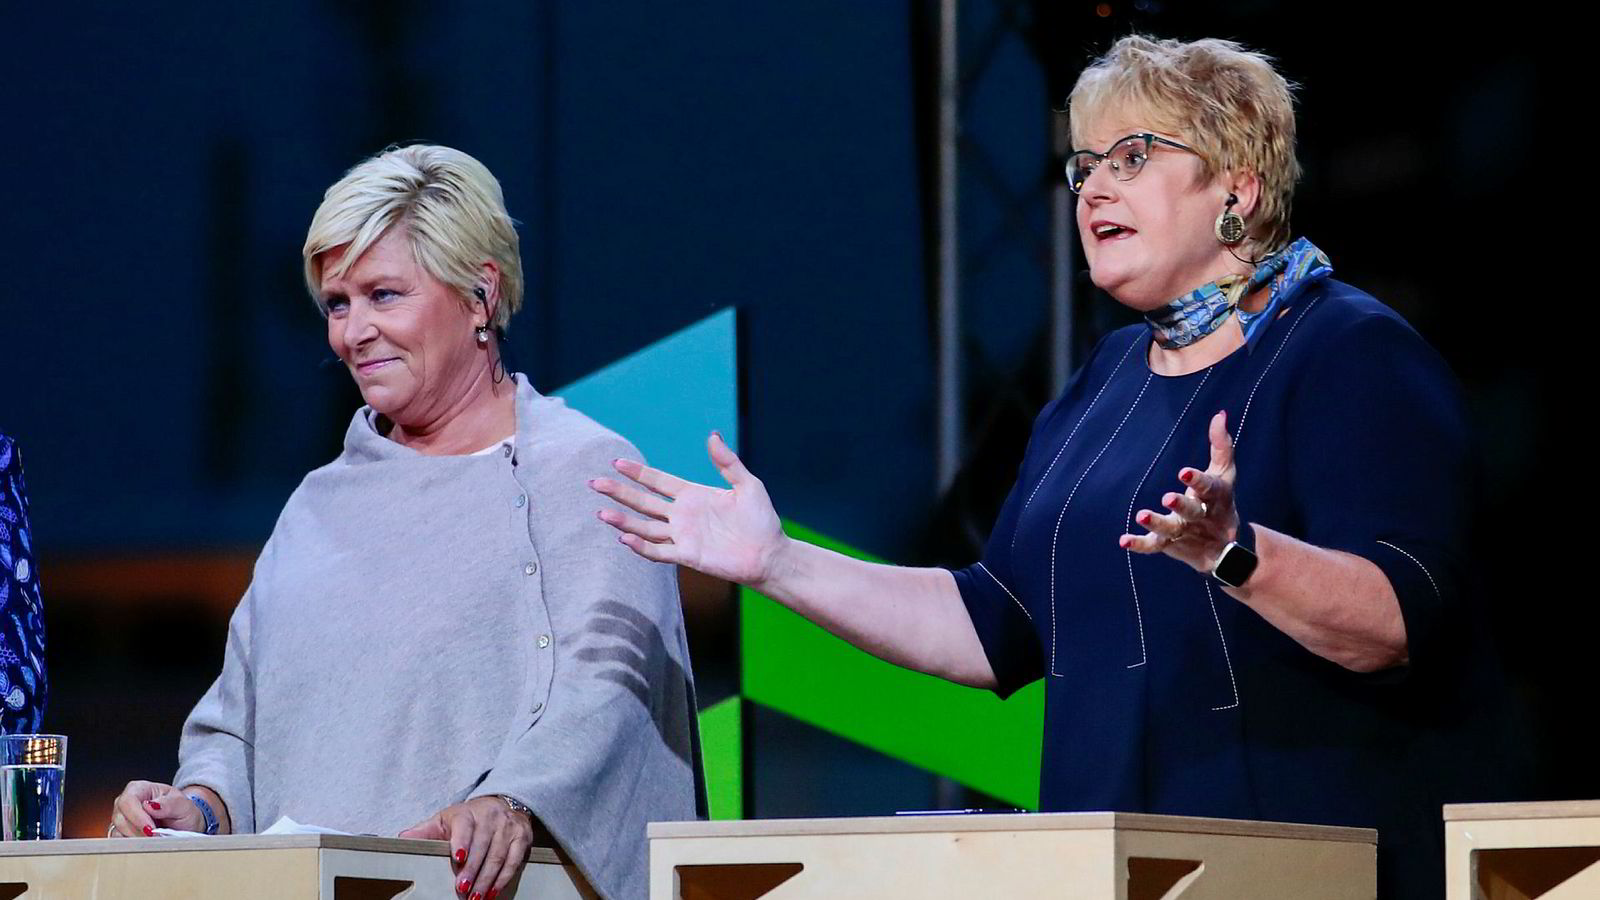 Både Siv Jensens Frp og Trine Skei Grandes Venstre gjør det svært dårlig på en fersk meningsmåling for august.